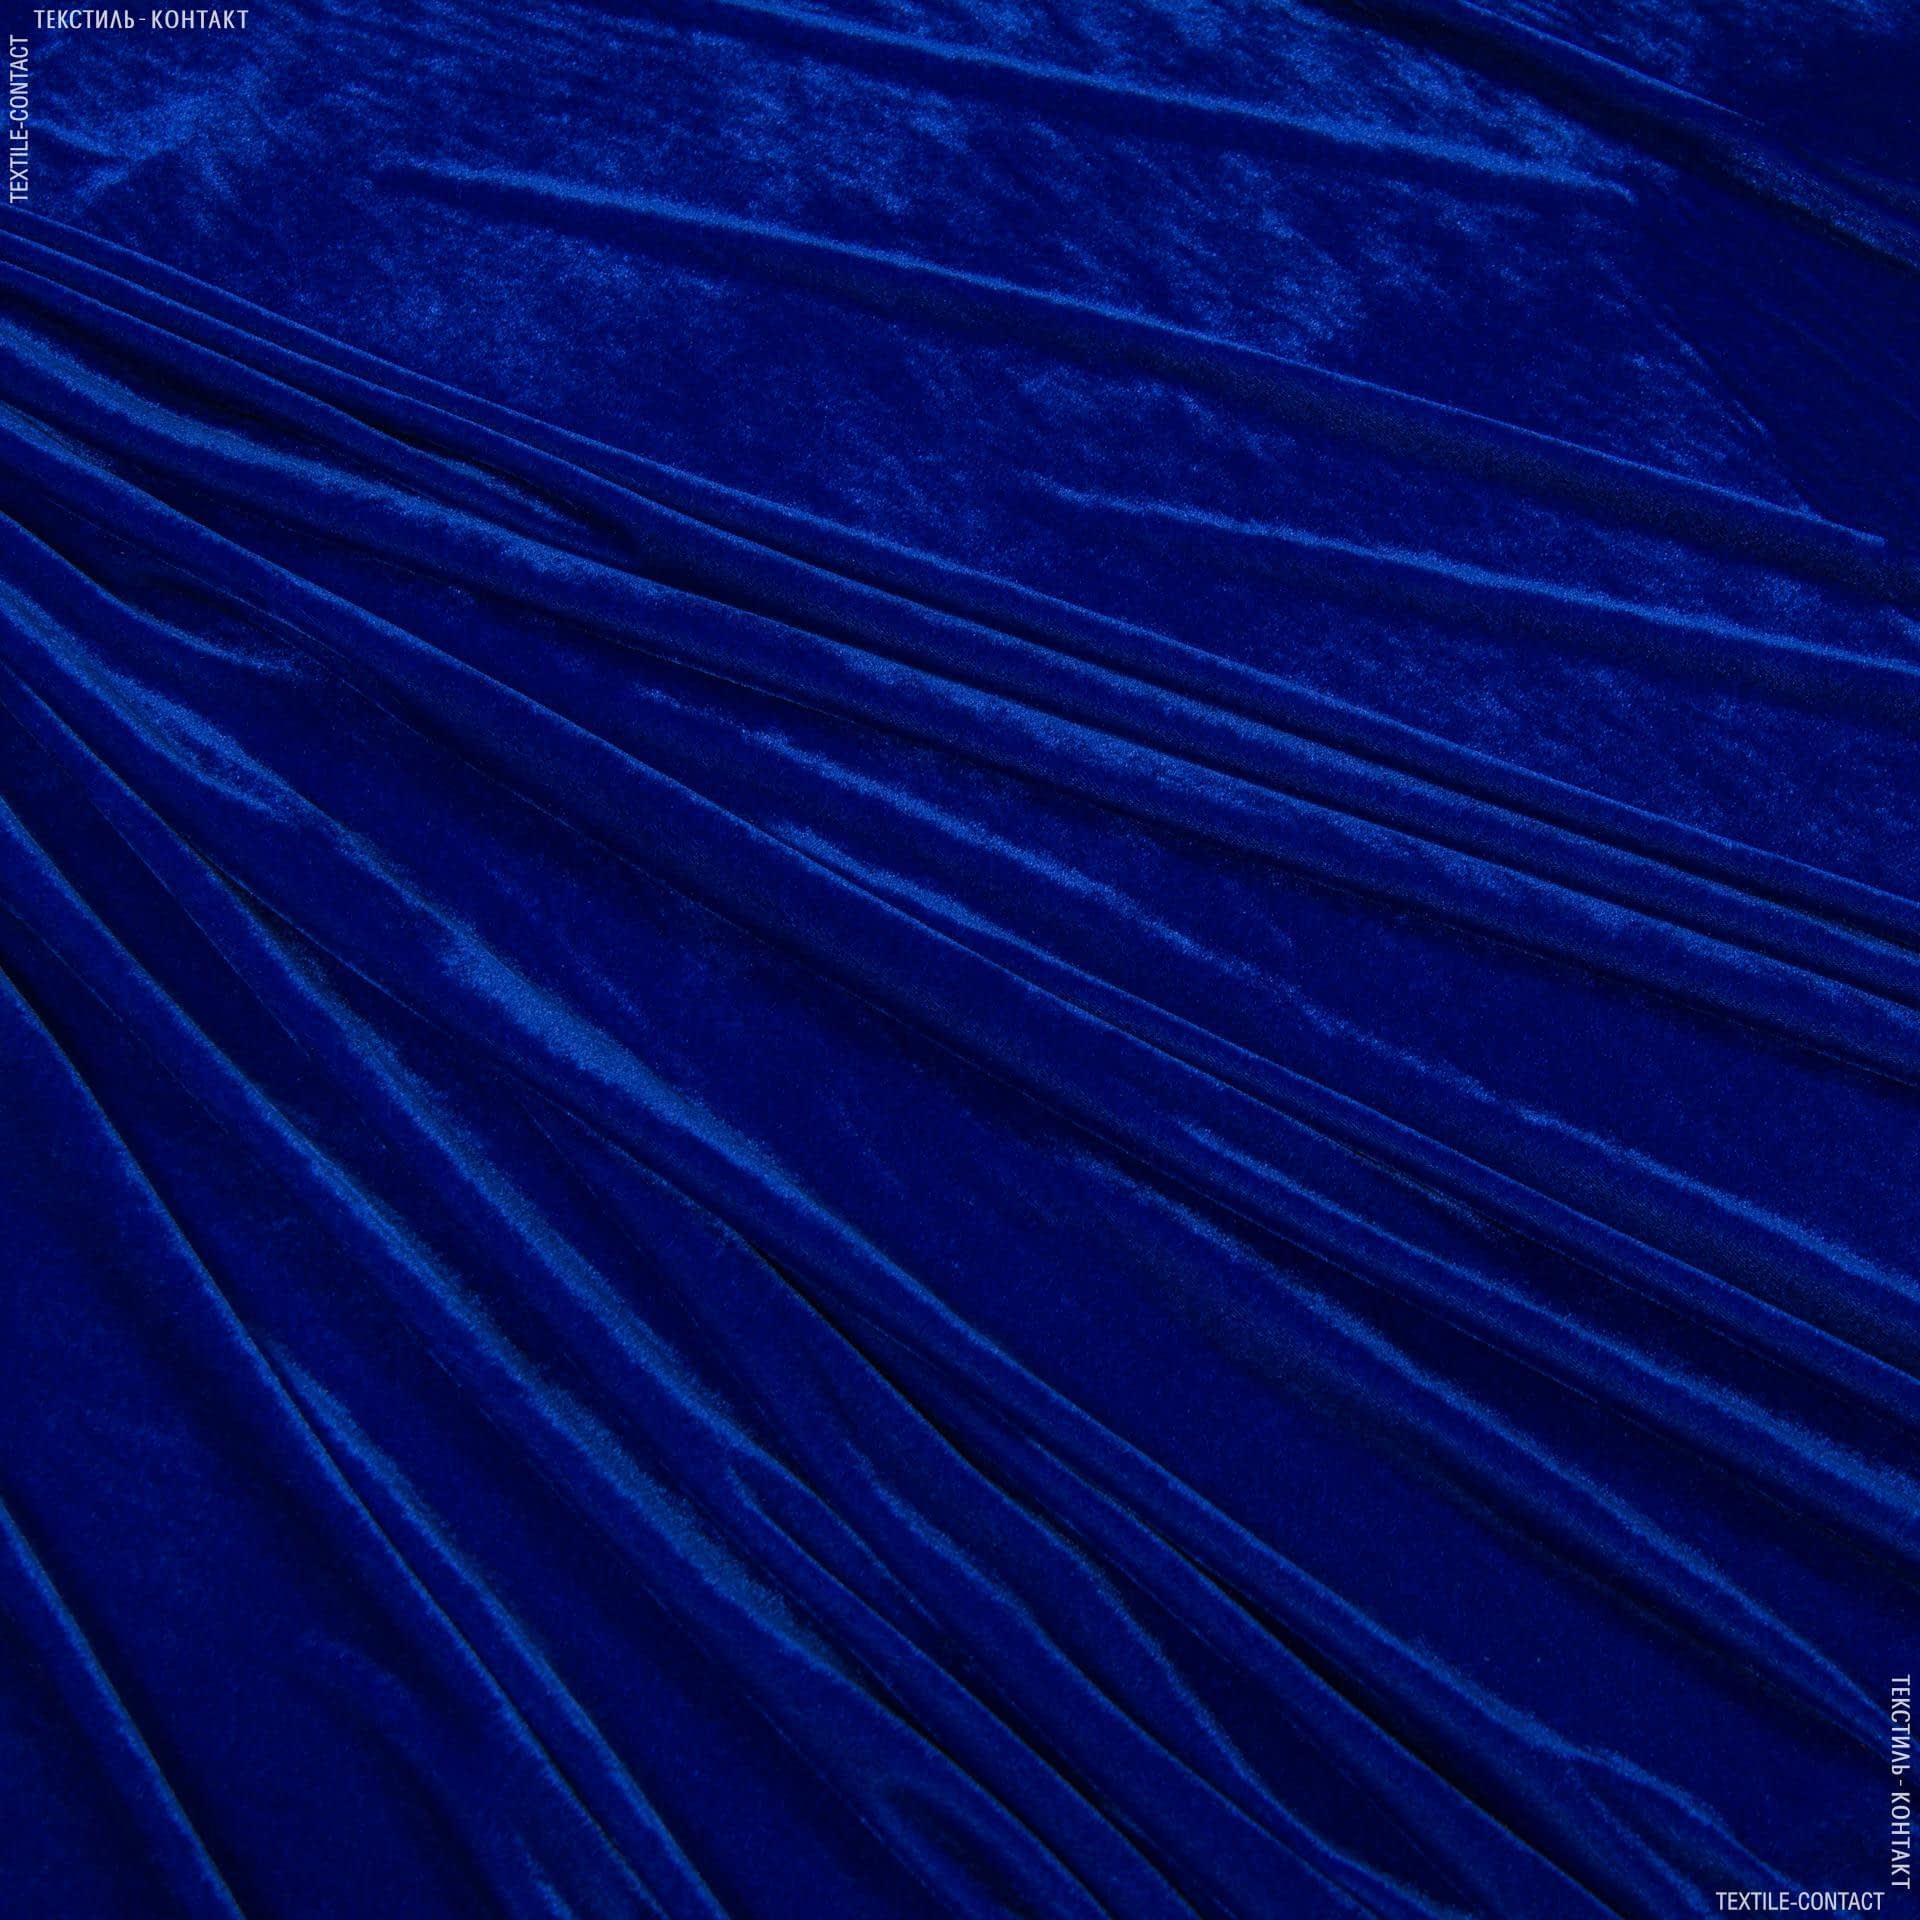 Ткани для платьев - Велюр стрейч электрик